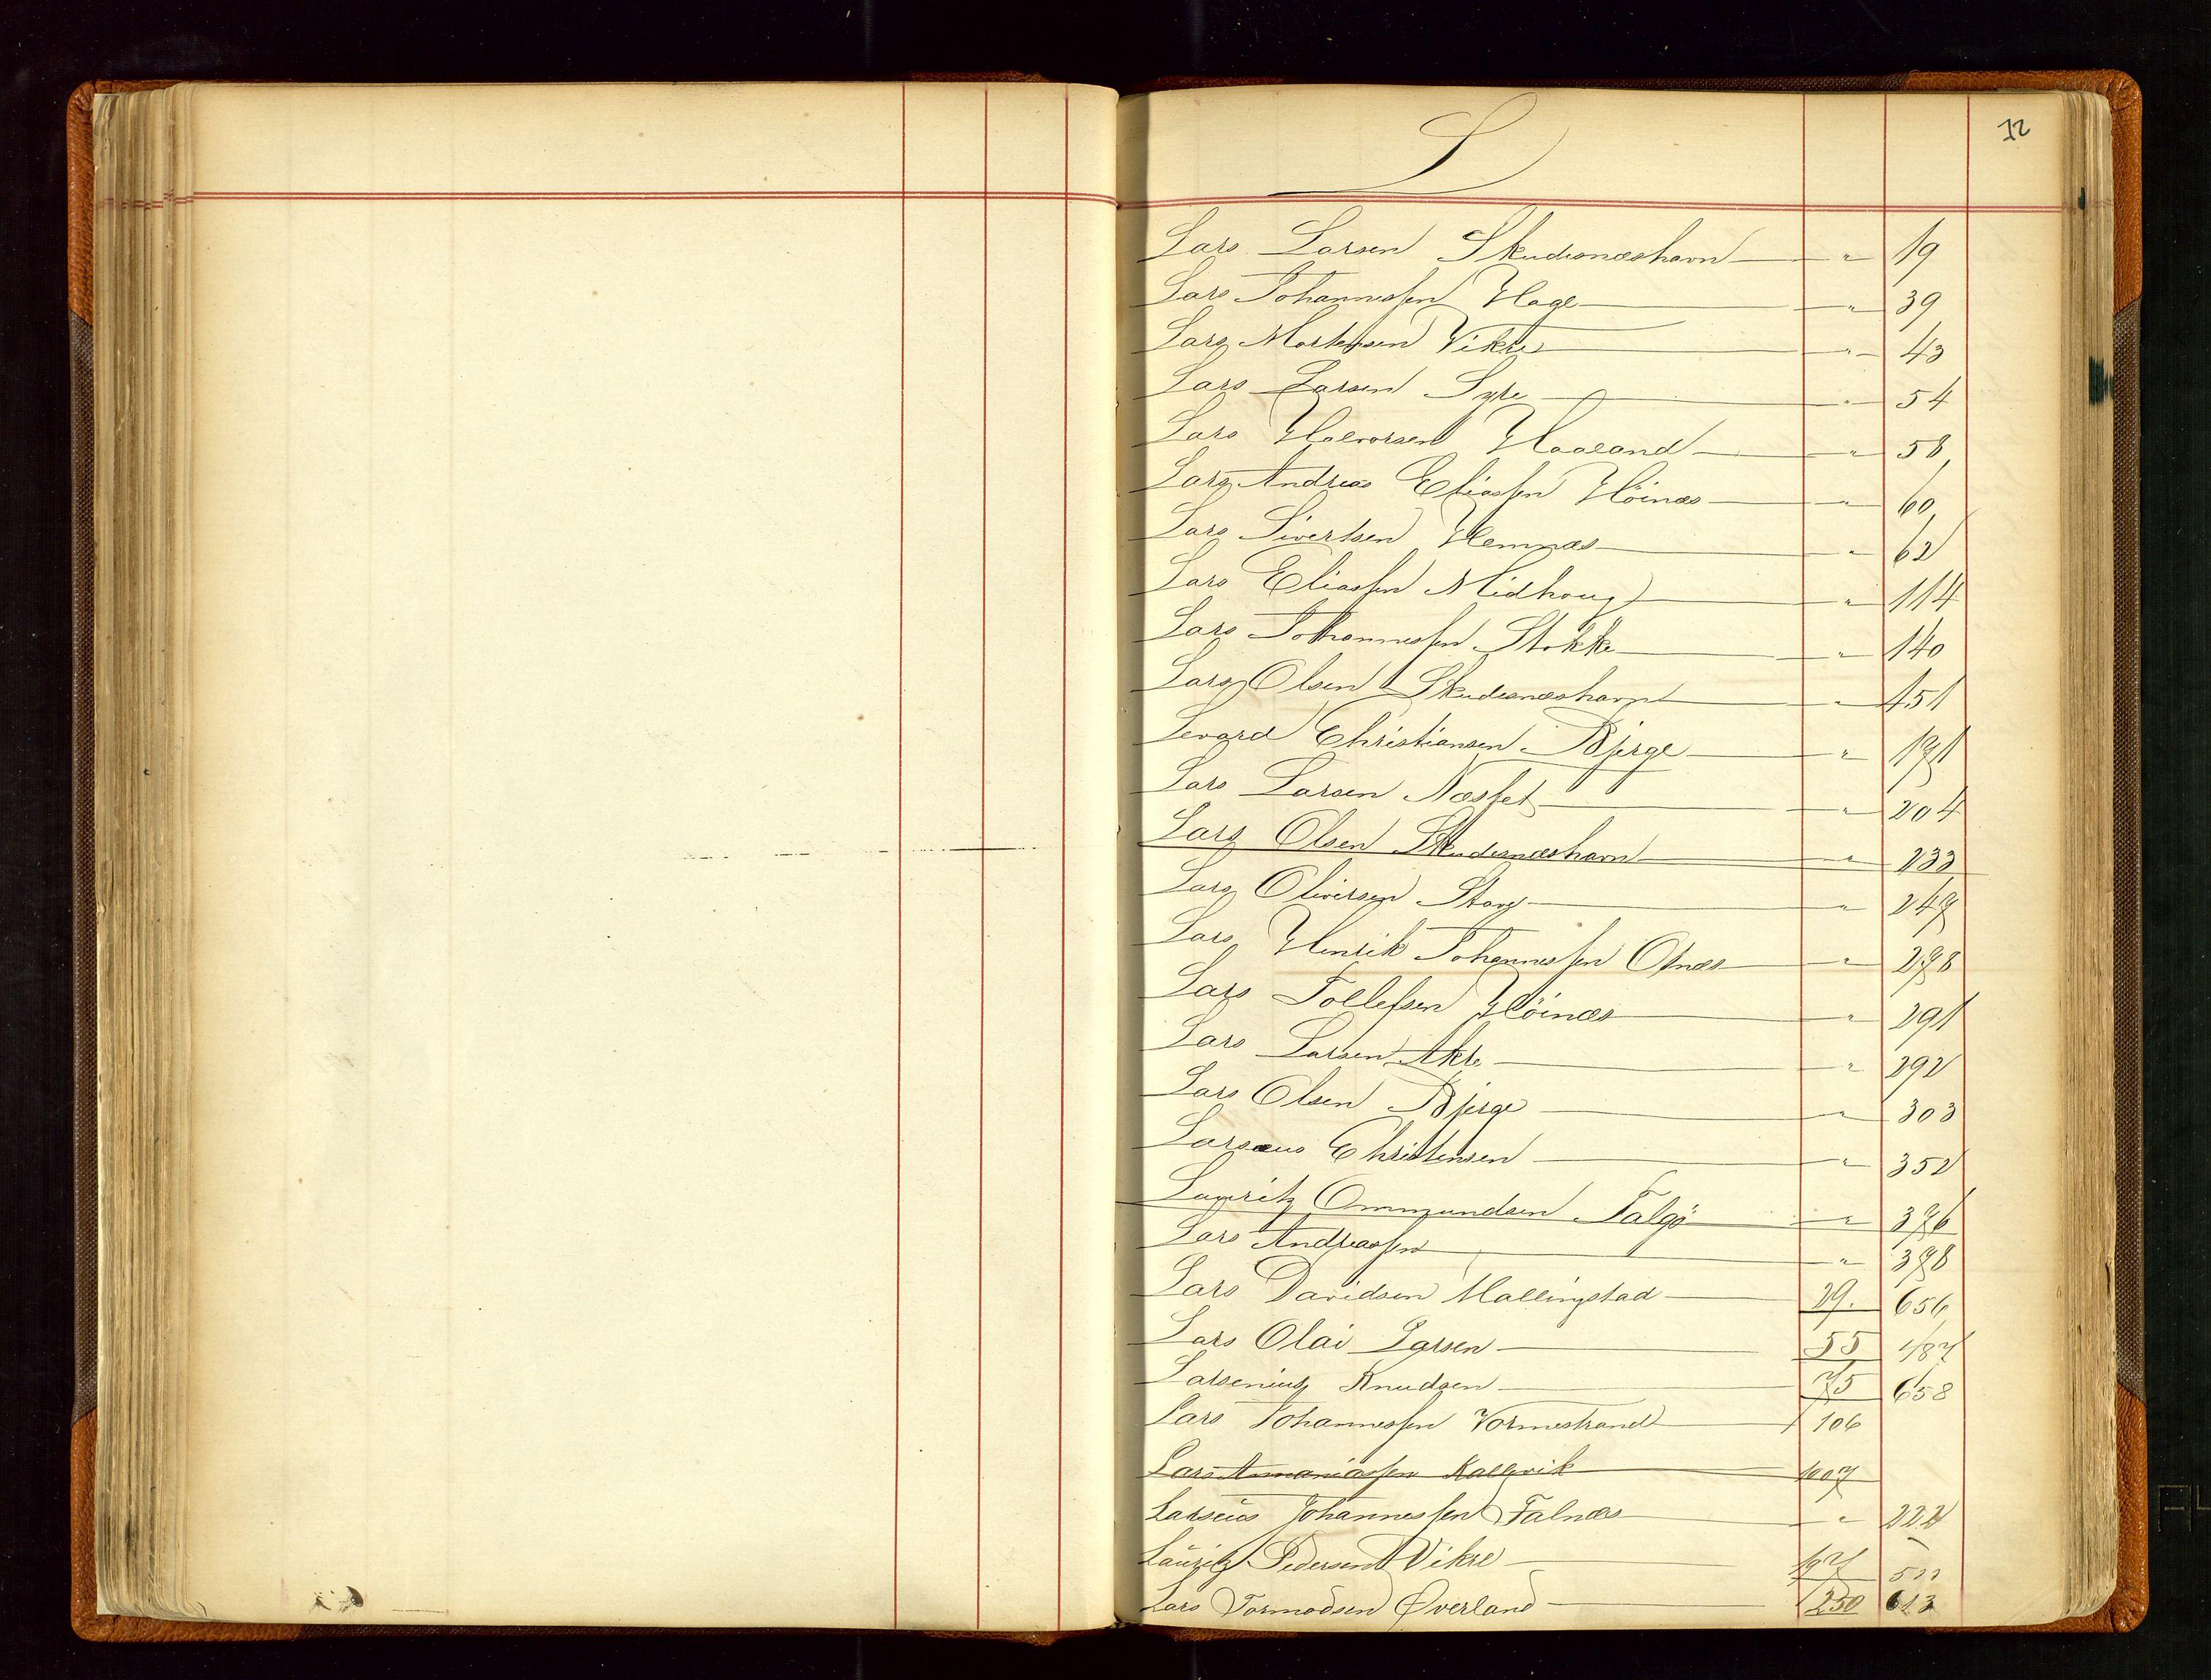 SAST, Haugesund sjømannskontor, F/Fb/Fba/L0001: Navneregister med henvisning til rullenr (Fornavn) Skudenes krets, 1860-1948, s. 72